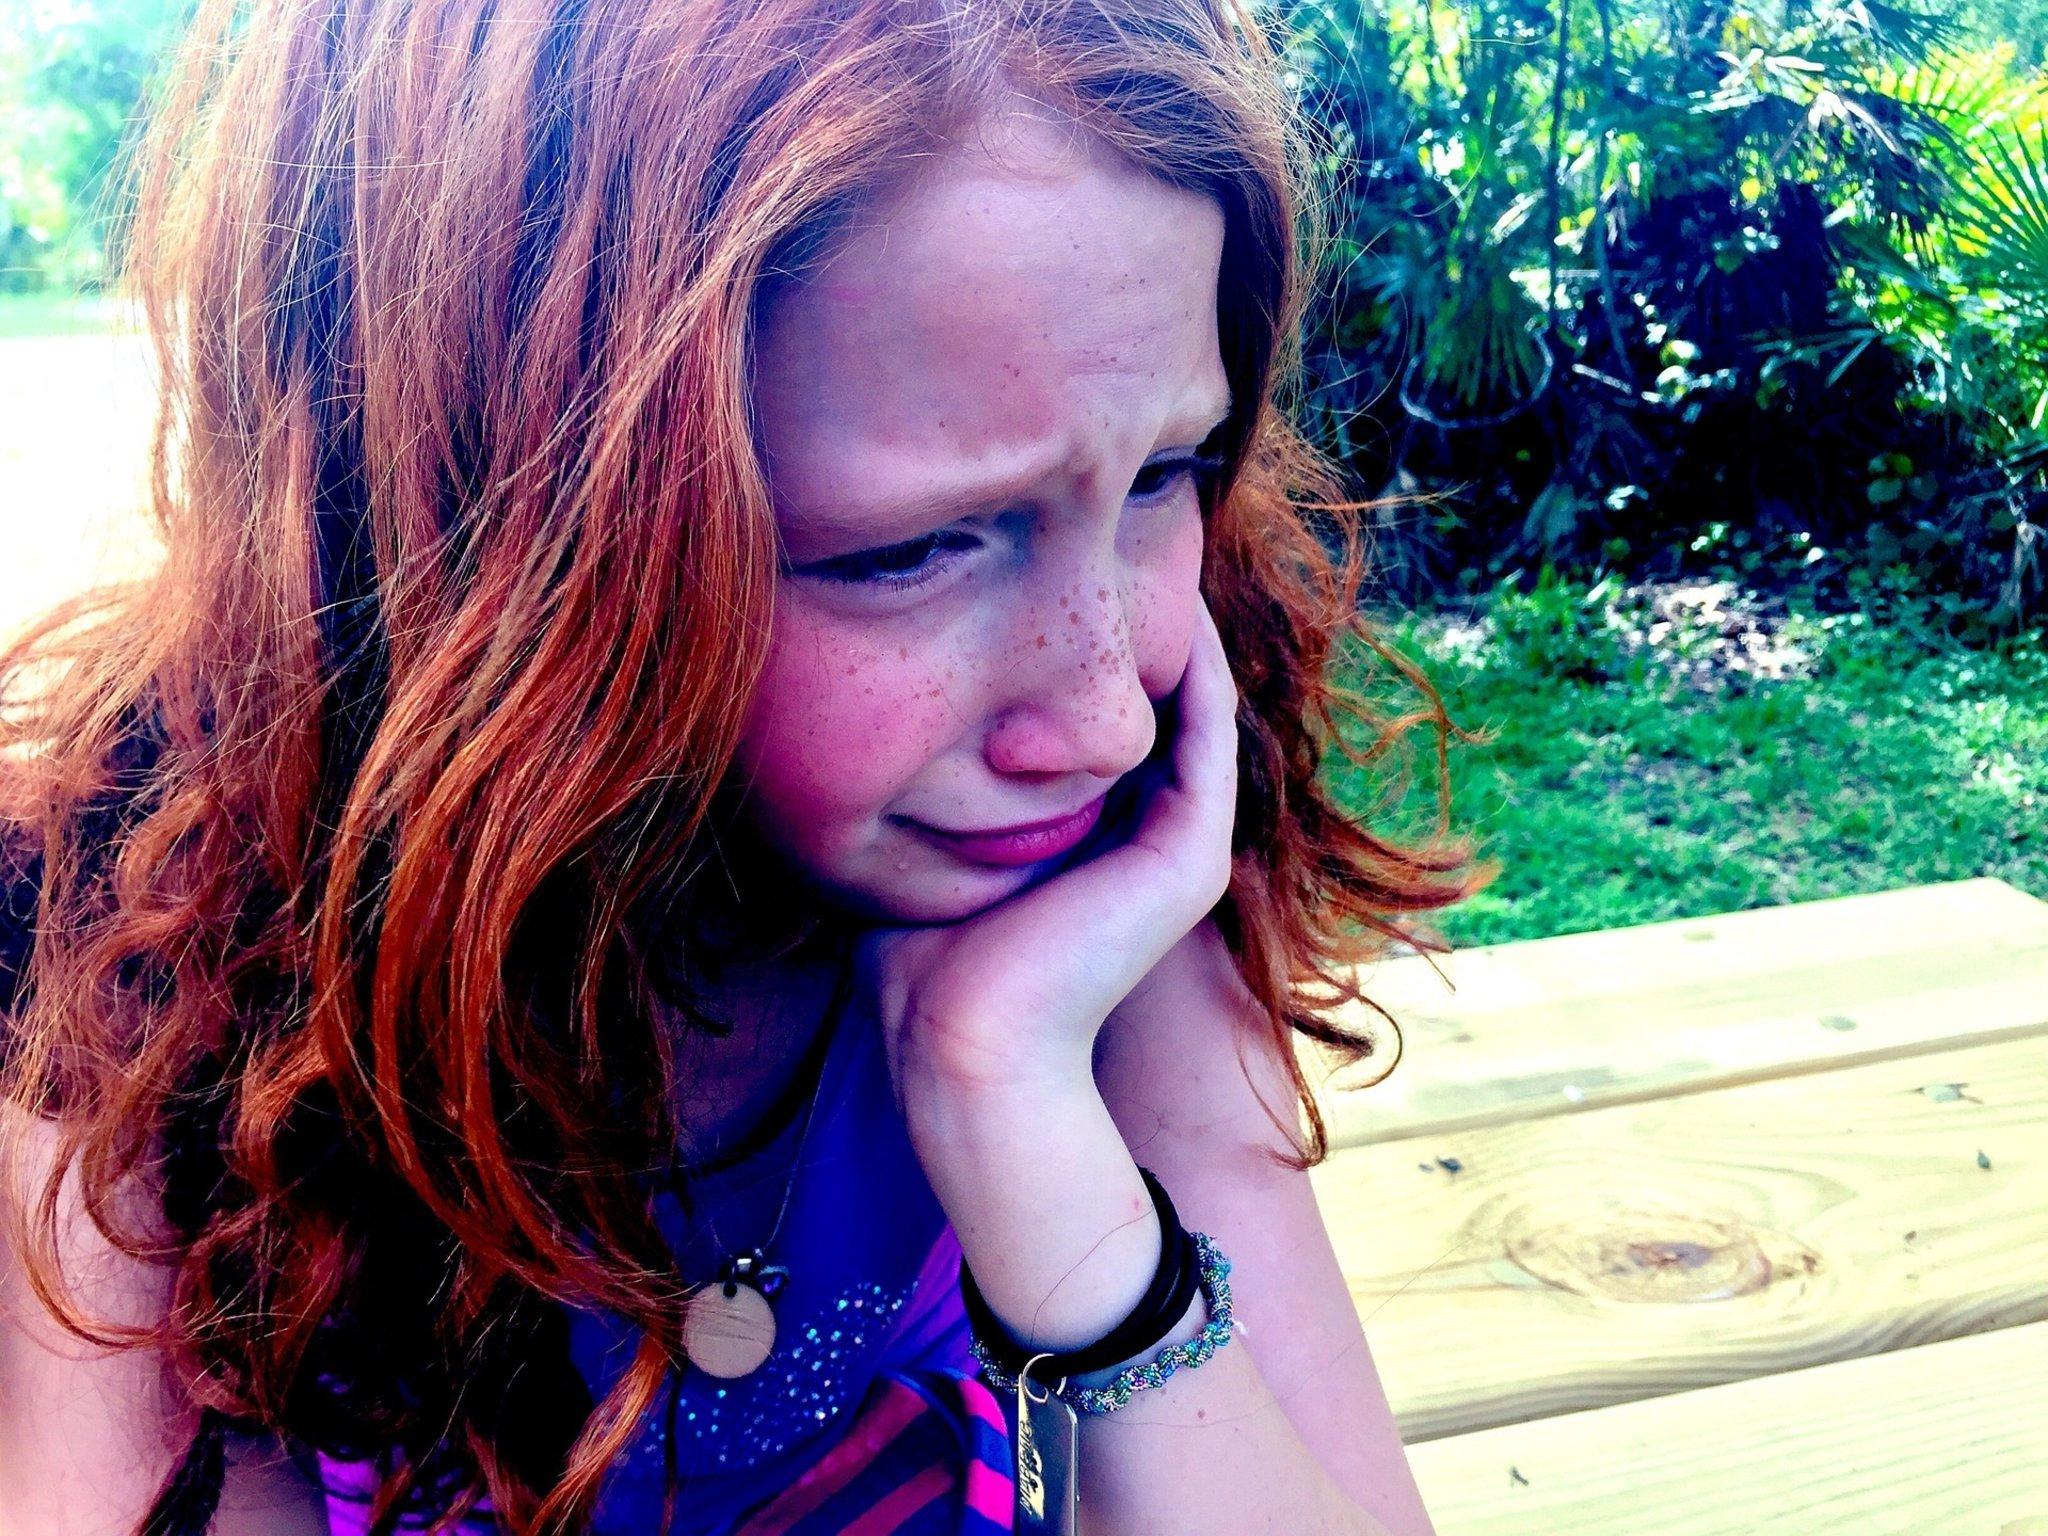 Psychologin warnt: Corona-Krise: 30 Prozent der Kinder erleiden posttraumatische Belastungsstörung